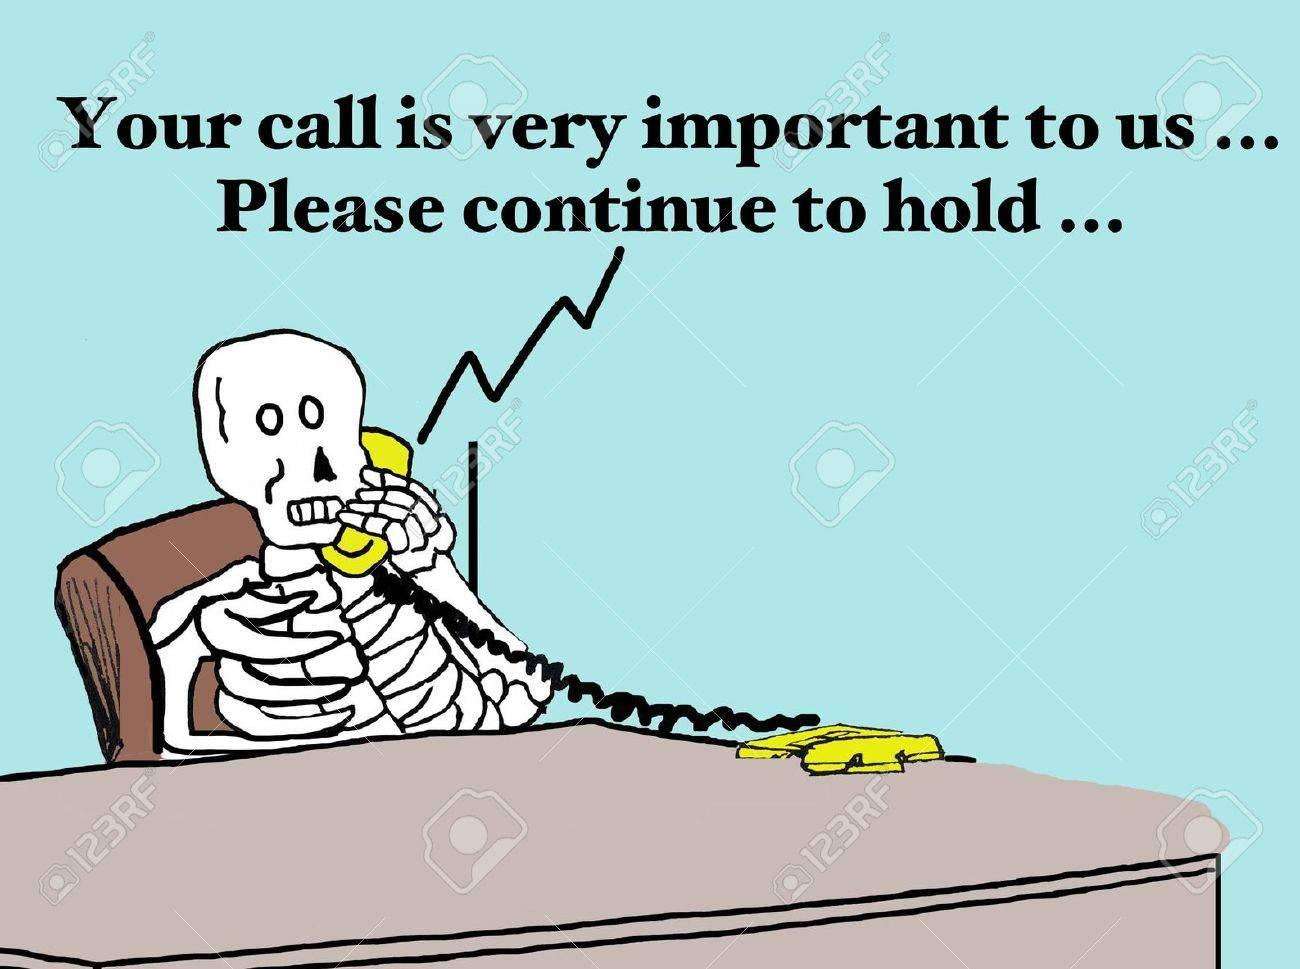 Poor Customer Service - 50276856